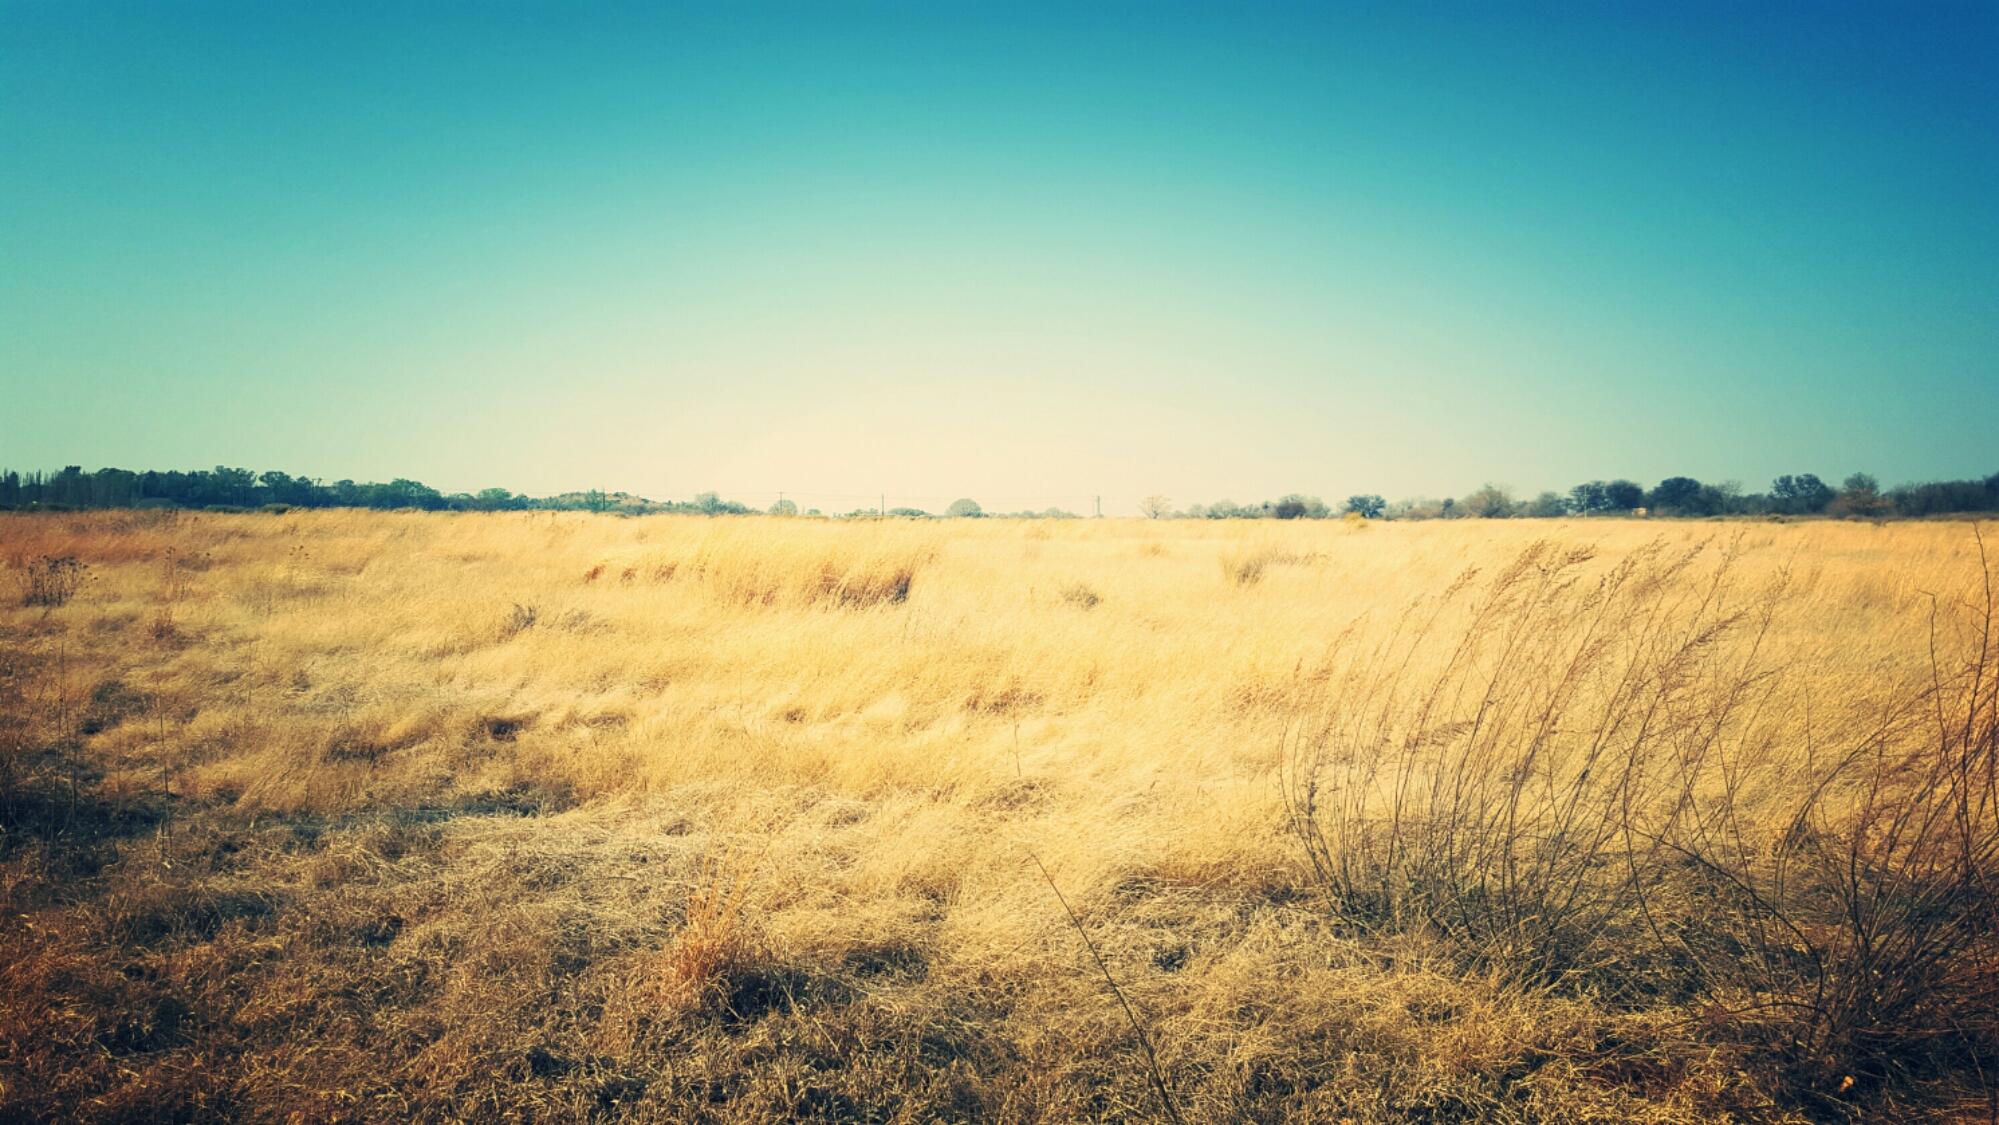 Savanna Grassland Biome